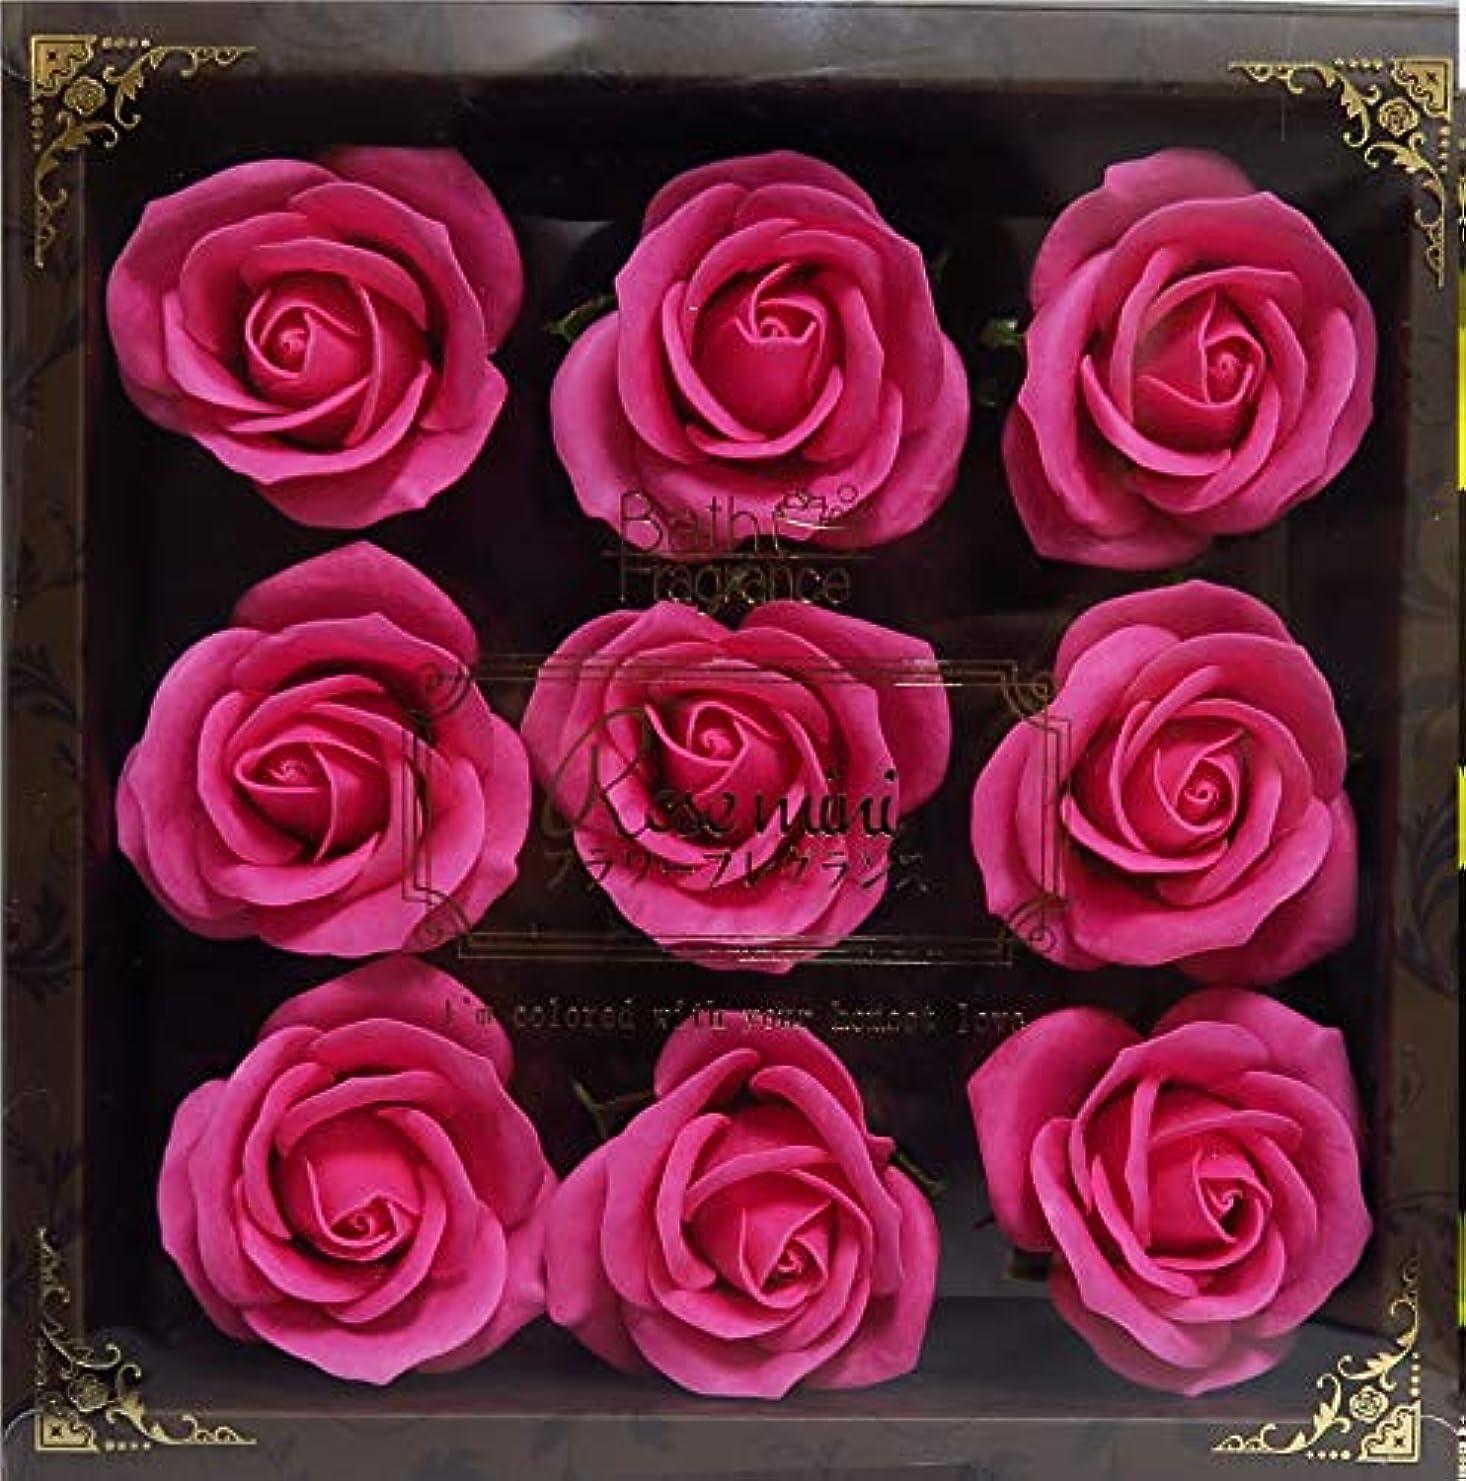 エリートディレクタークラッシュバスフレグランス バスフラワー ミニローズフレグランス(L)ローズピンク お花の形の入浴剤